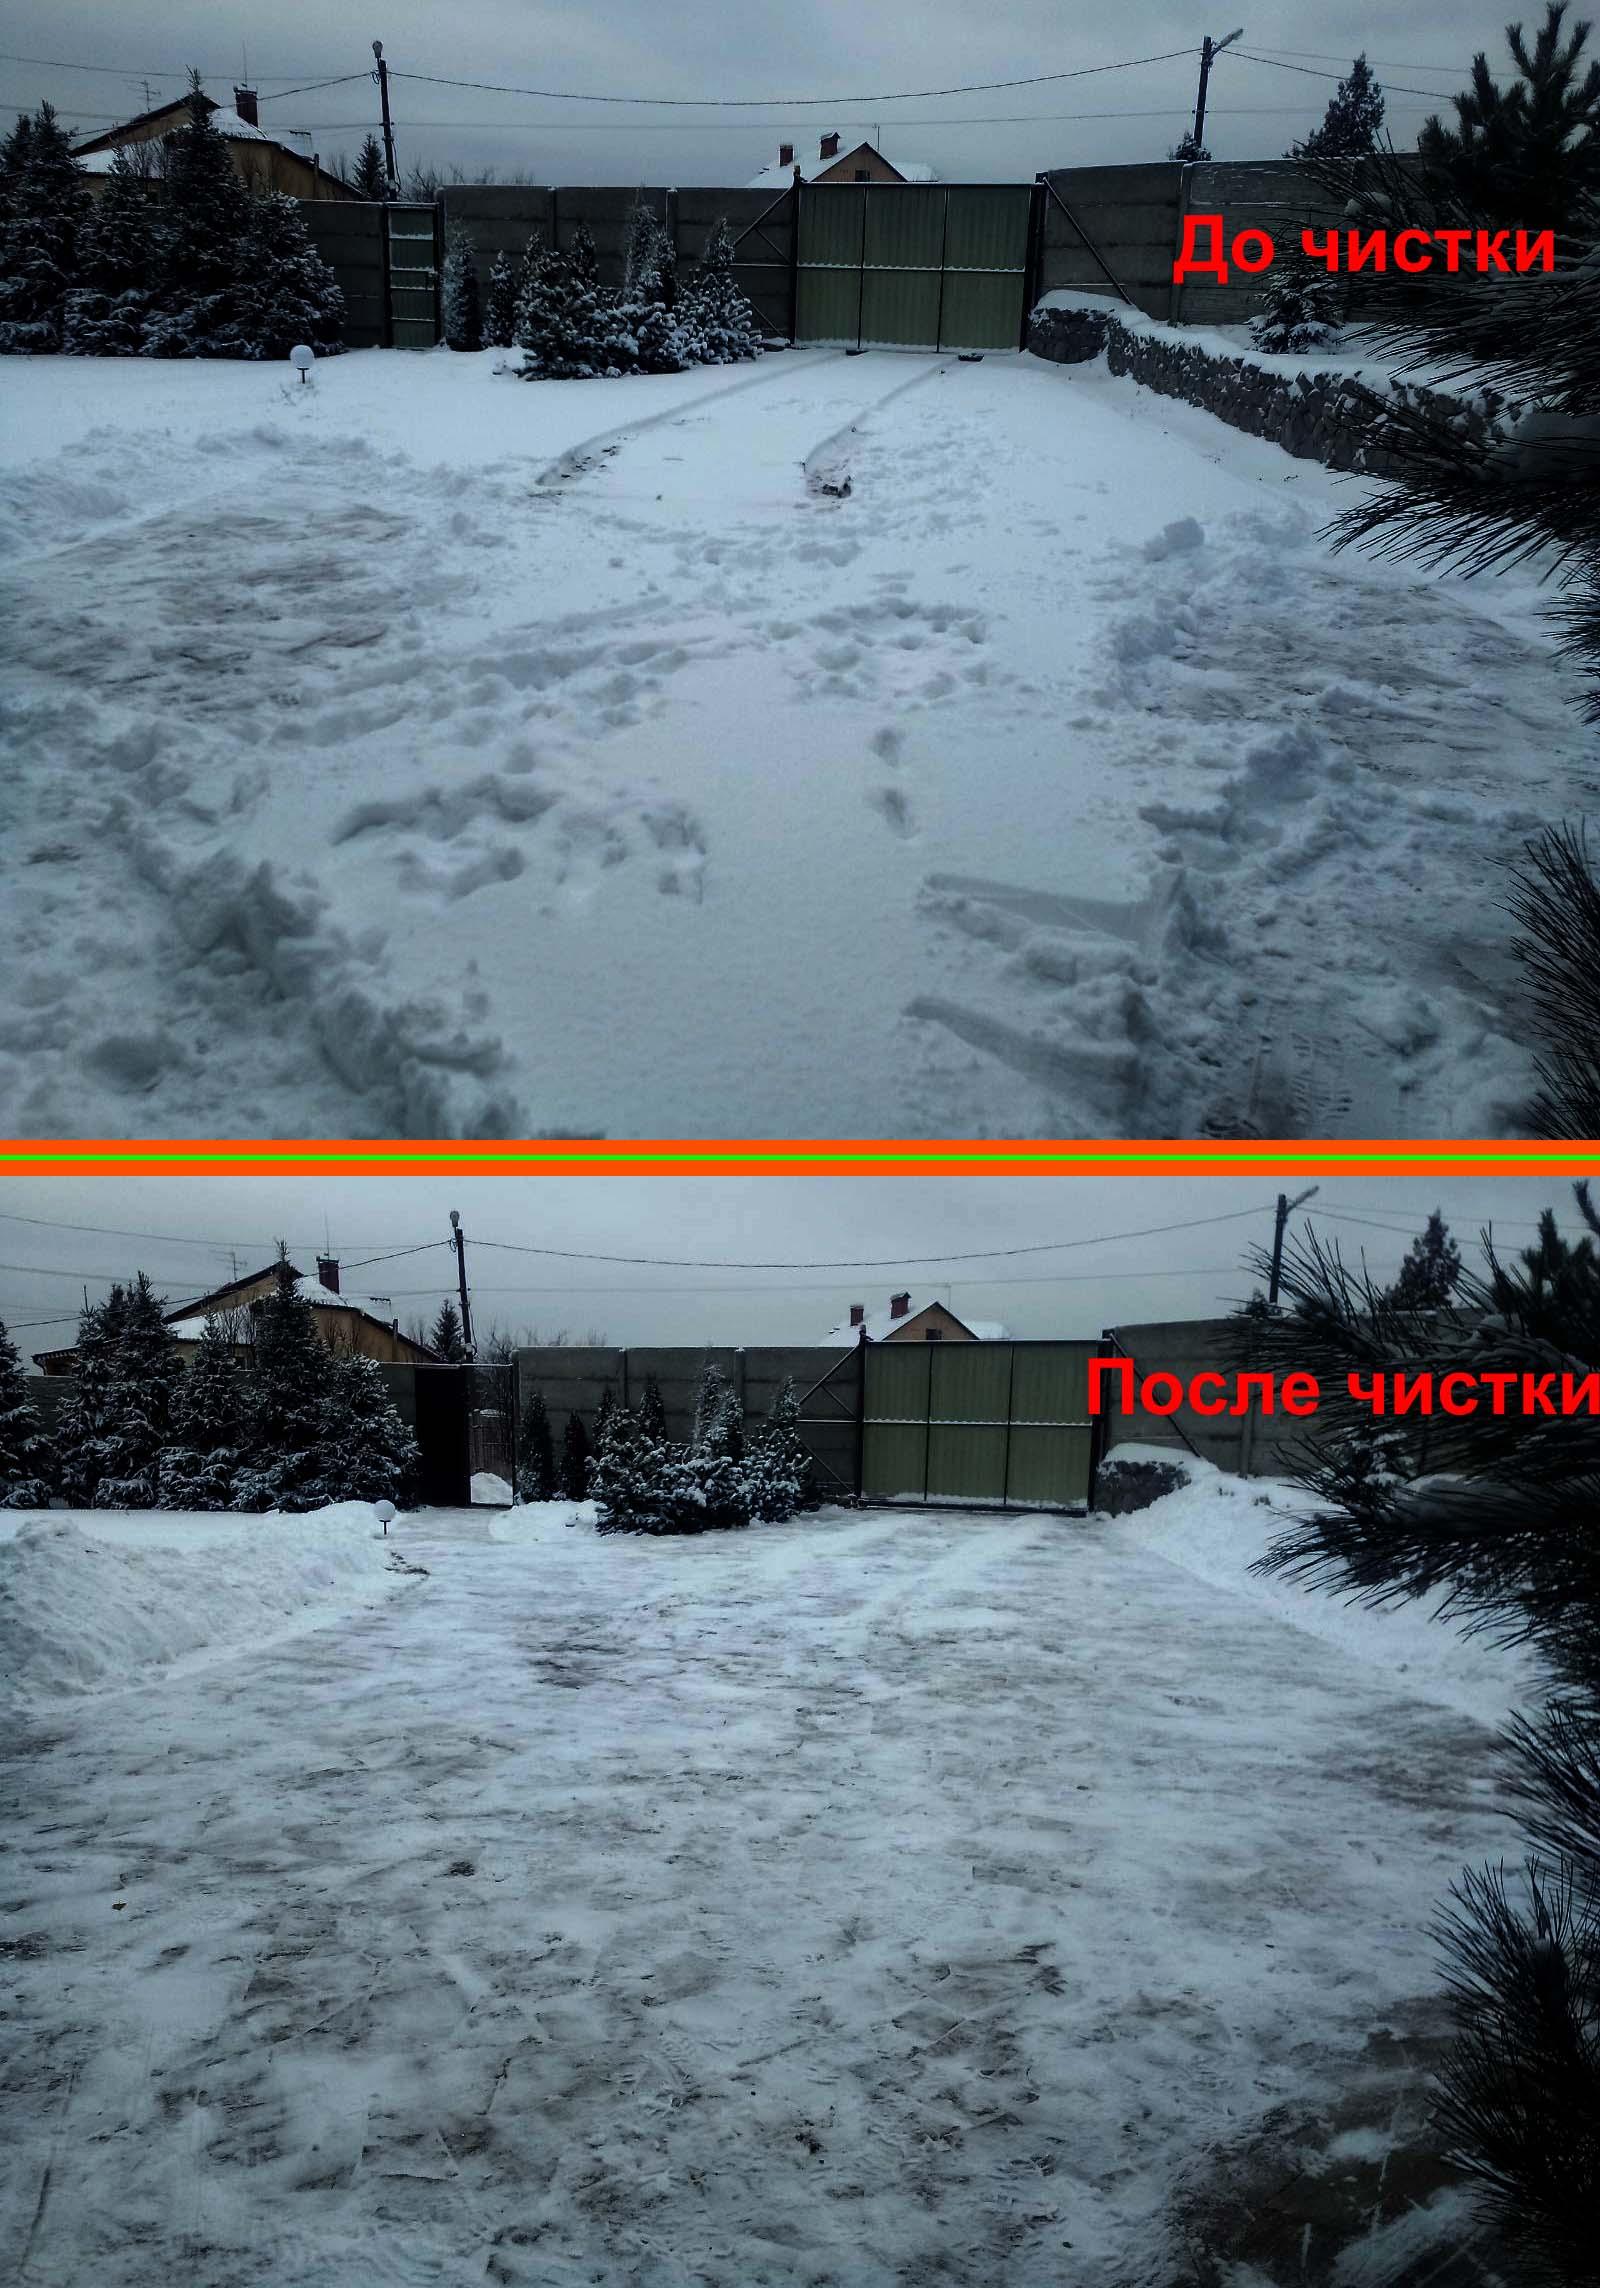 Фото Уборка снега в начале января 2021 года. Площадь 100-150 кв. метров. Толщина снега примерно 15 см.  Затраченное время около 1,5 часов. Лопата предоставлена Заказчиком.